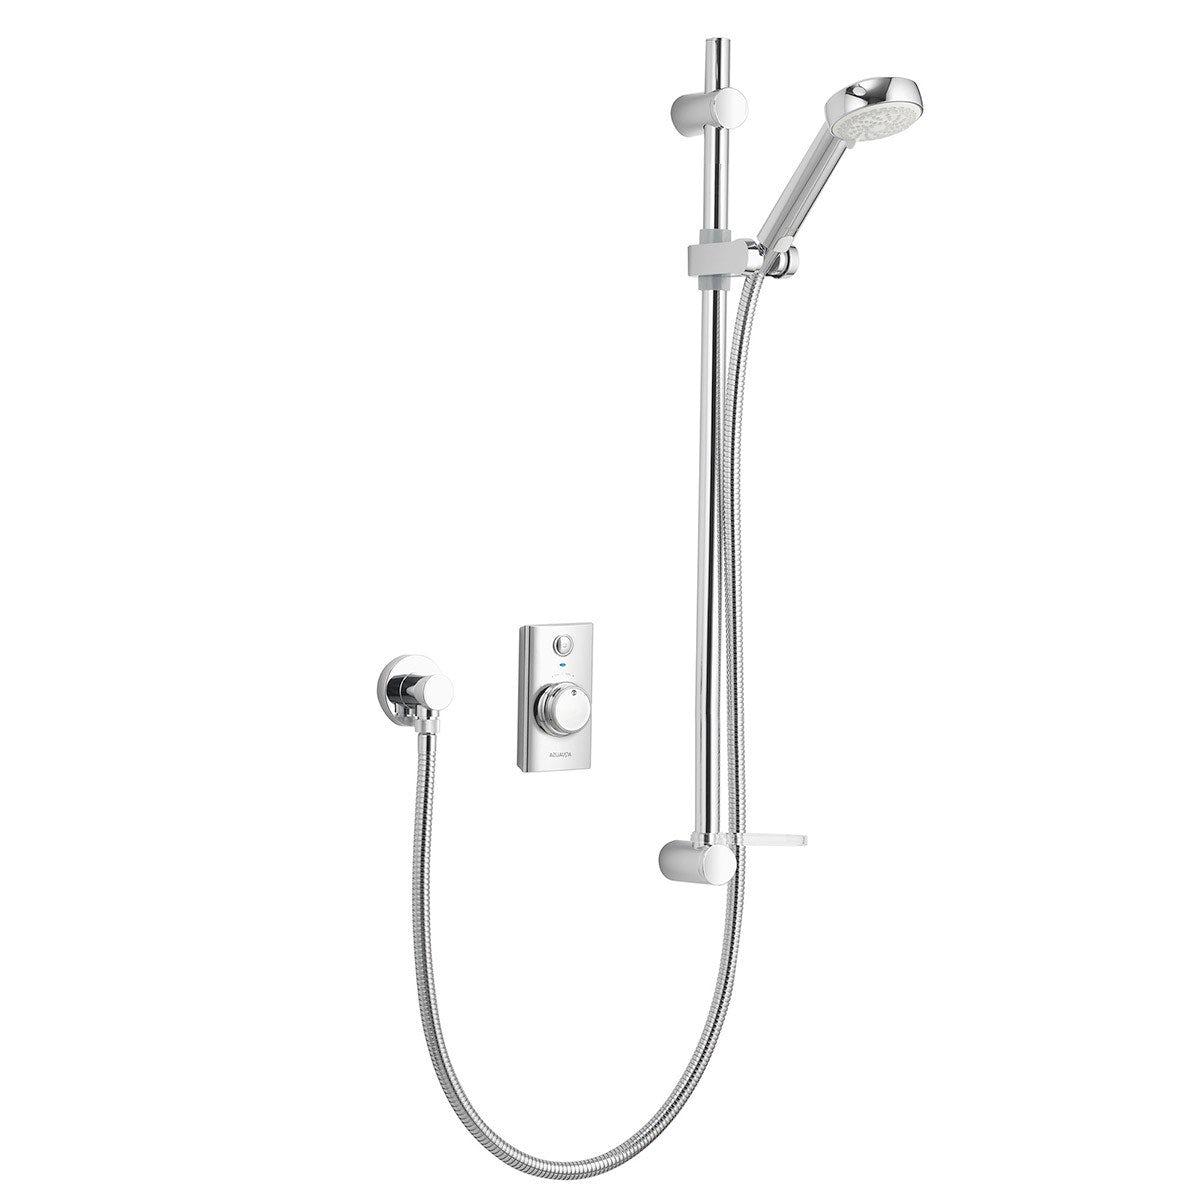 Aqualisa visage concealed digital shower pumped